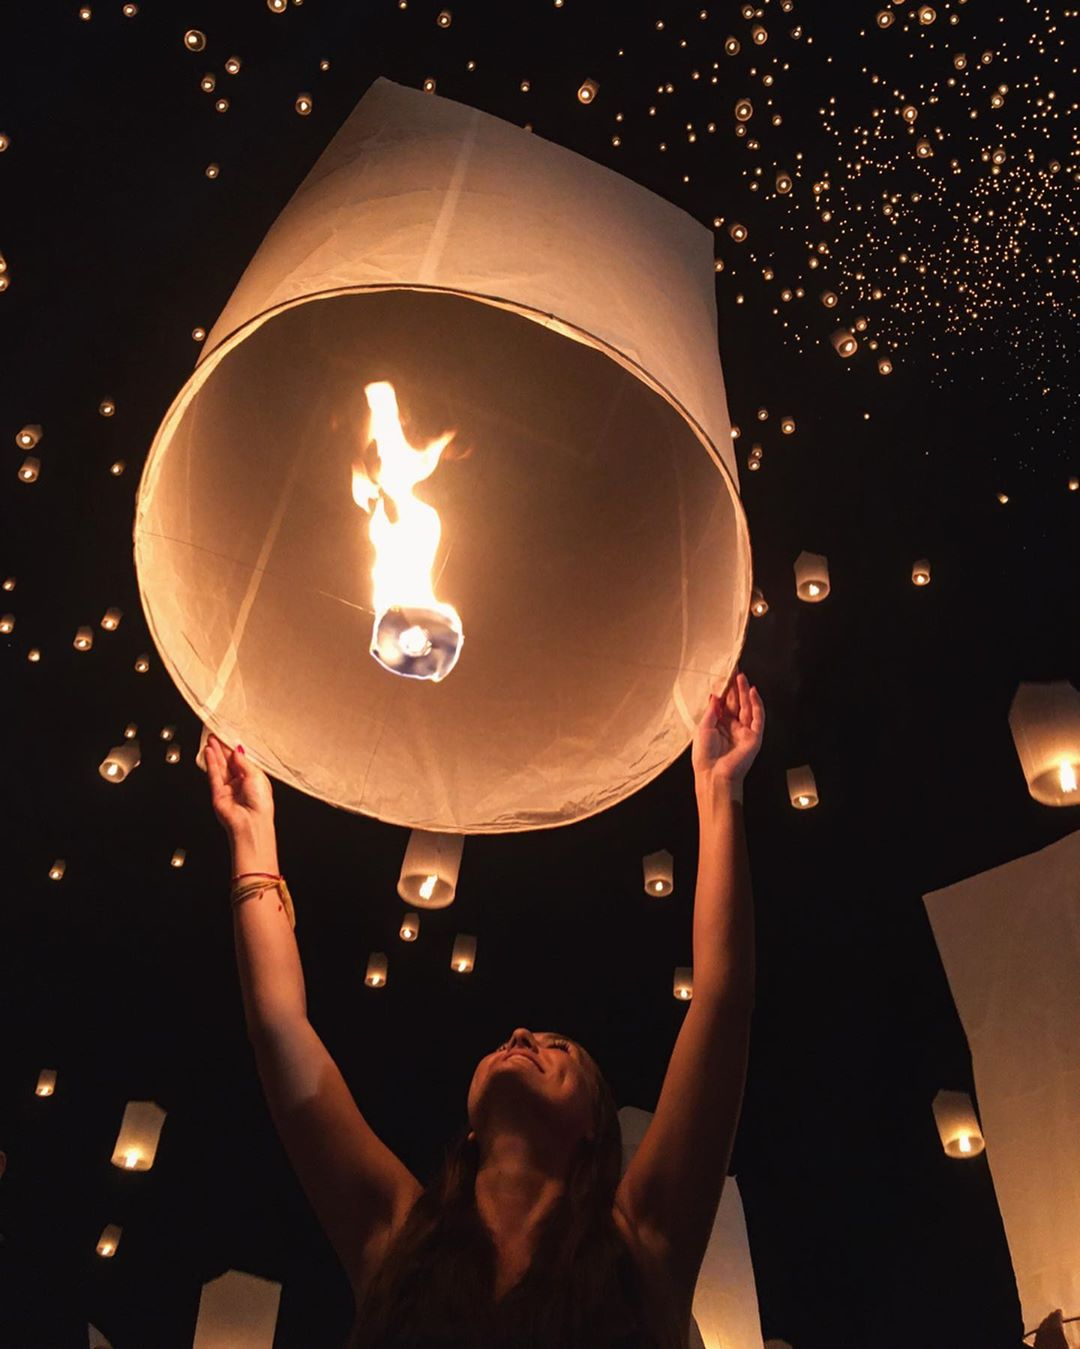 Meisje laat haar brandene wensballon los tijdens het Yee Peng Festival 20199